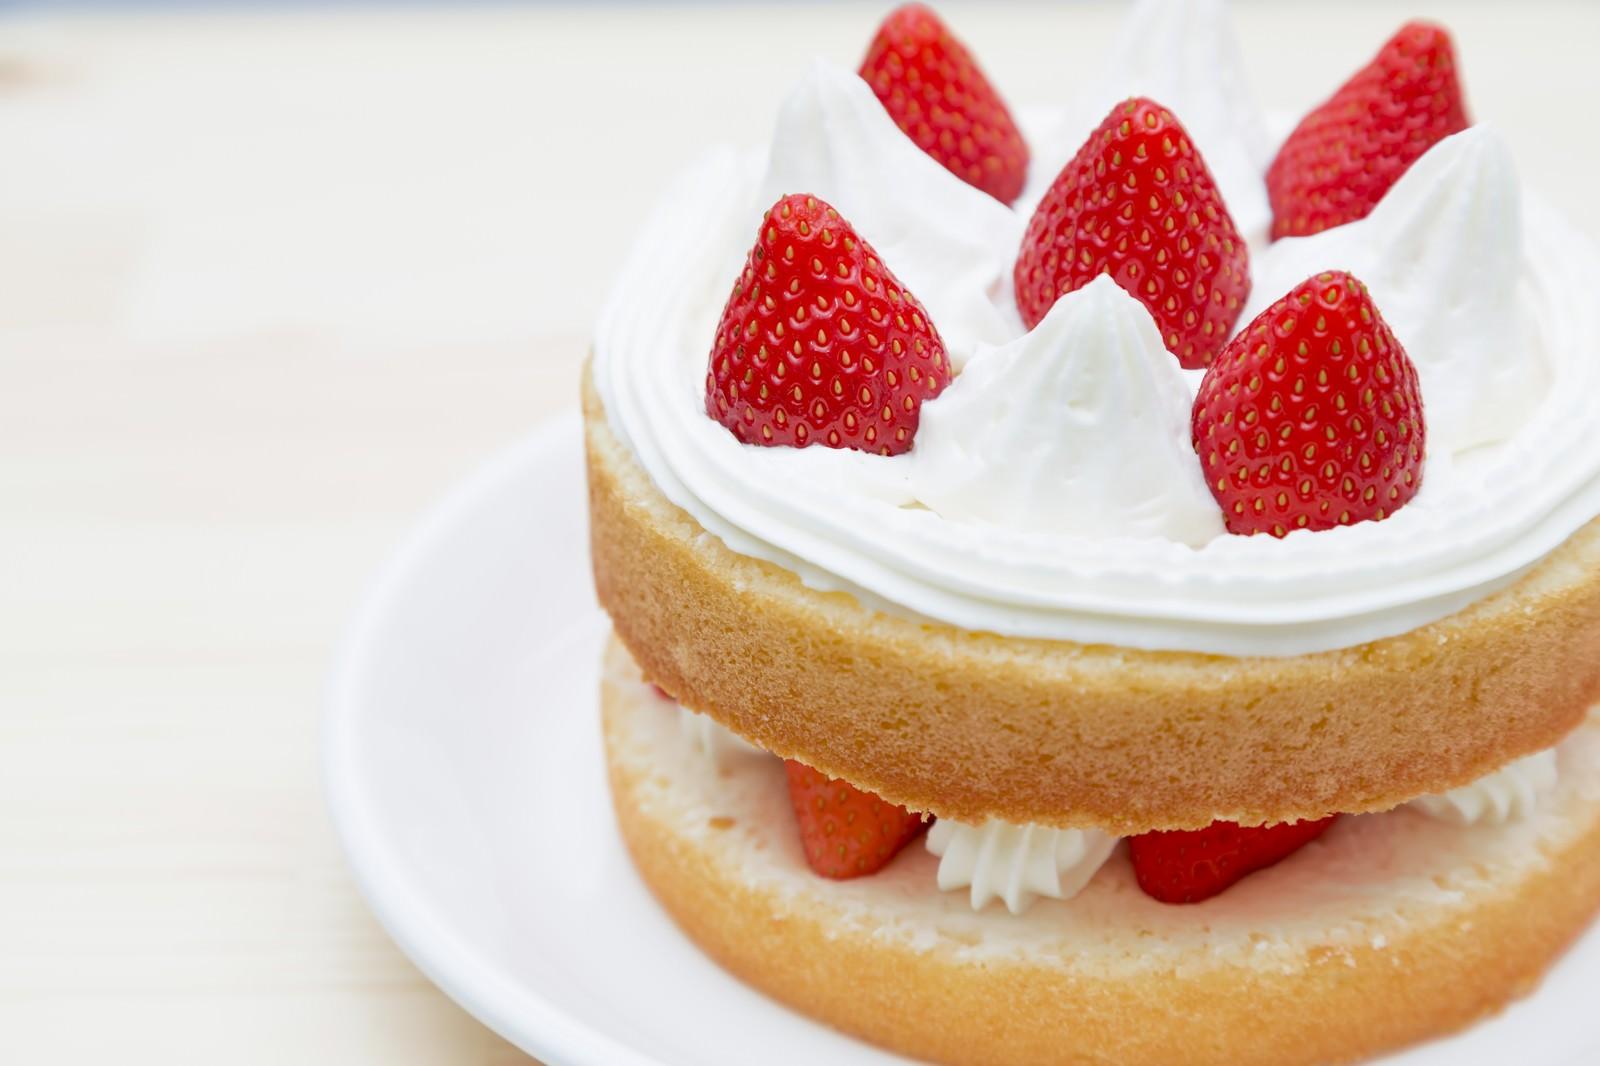 「イチゴのショートケーキイチゴのショートケーキ」のフリー写真素材を拡大